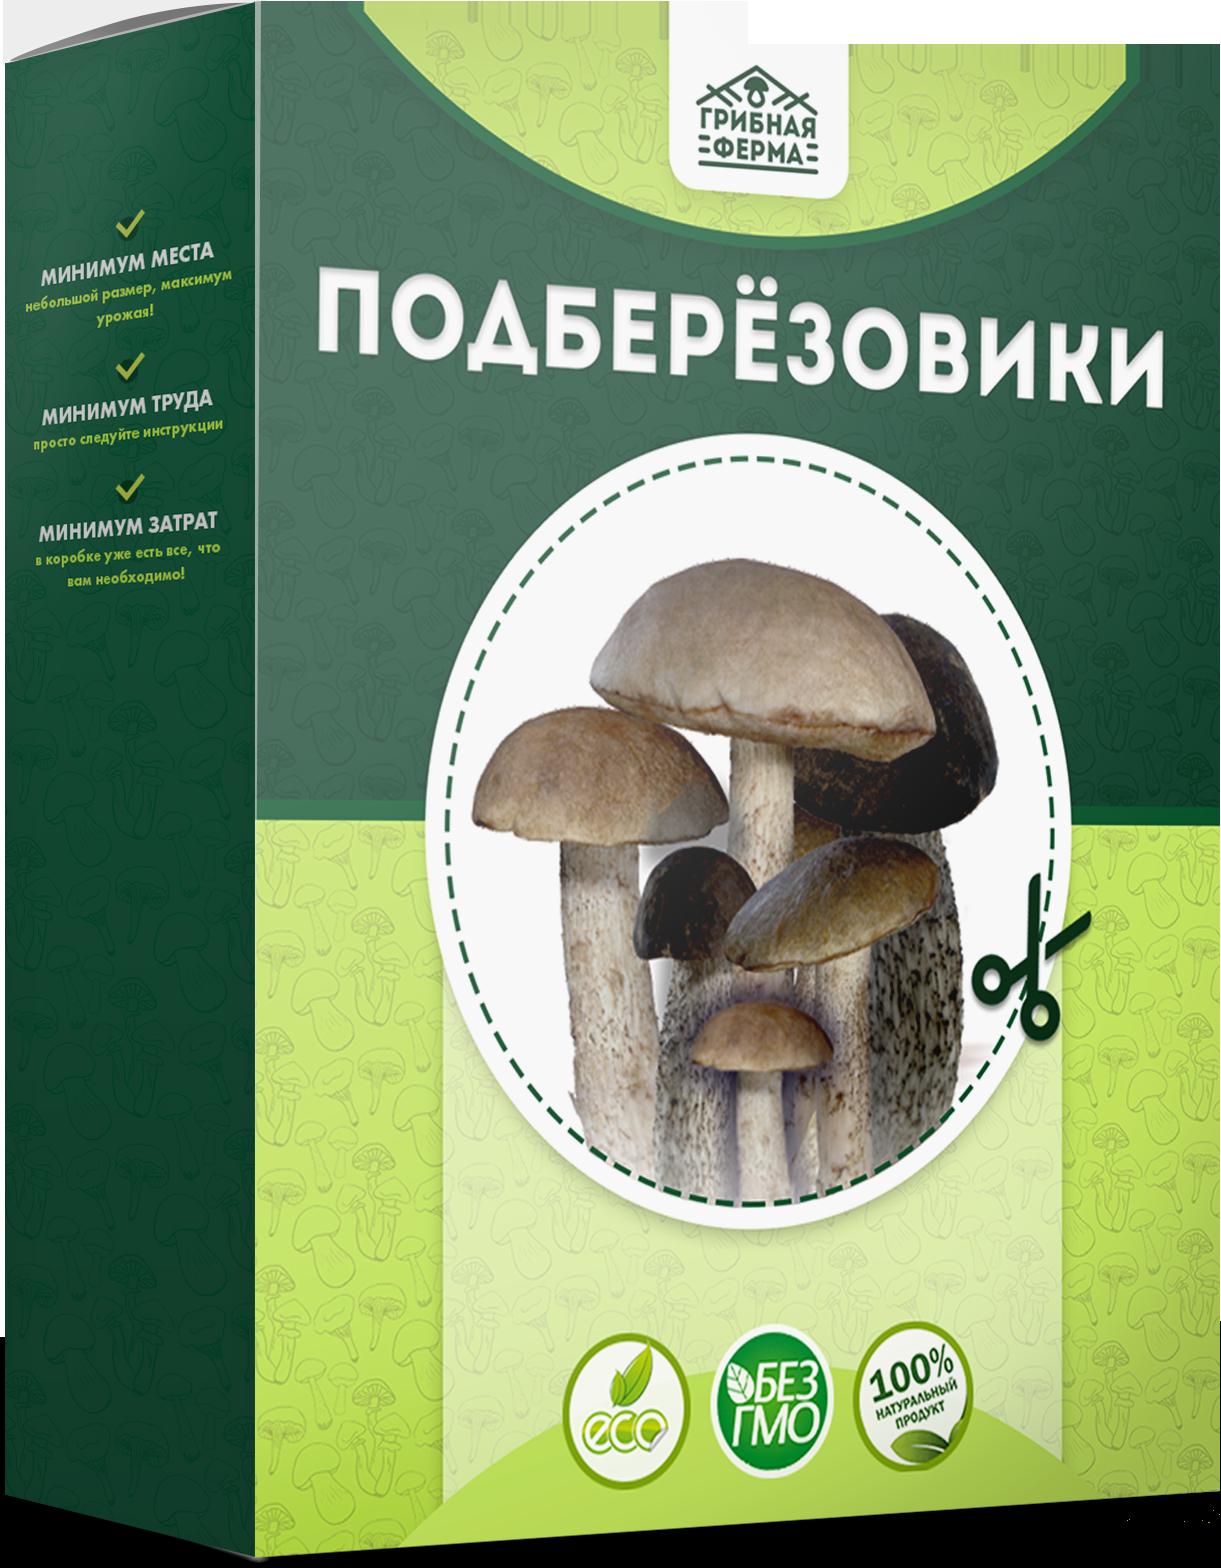 реальные отзывы о грибах в грибной корзине, выращенных в домашних условиях + фото 2